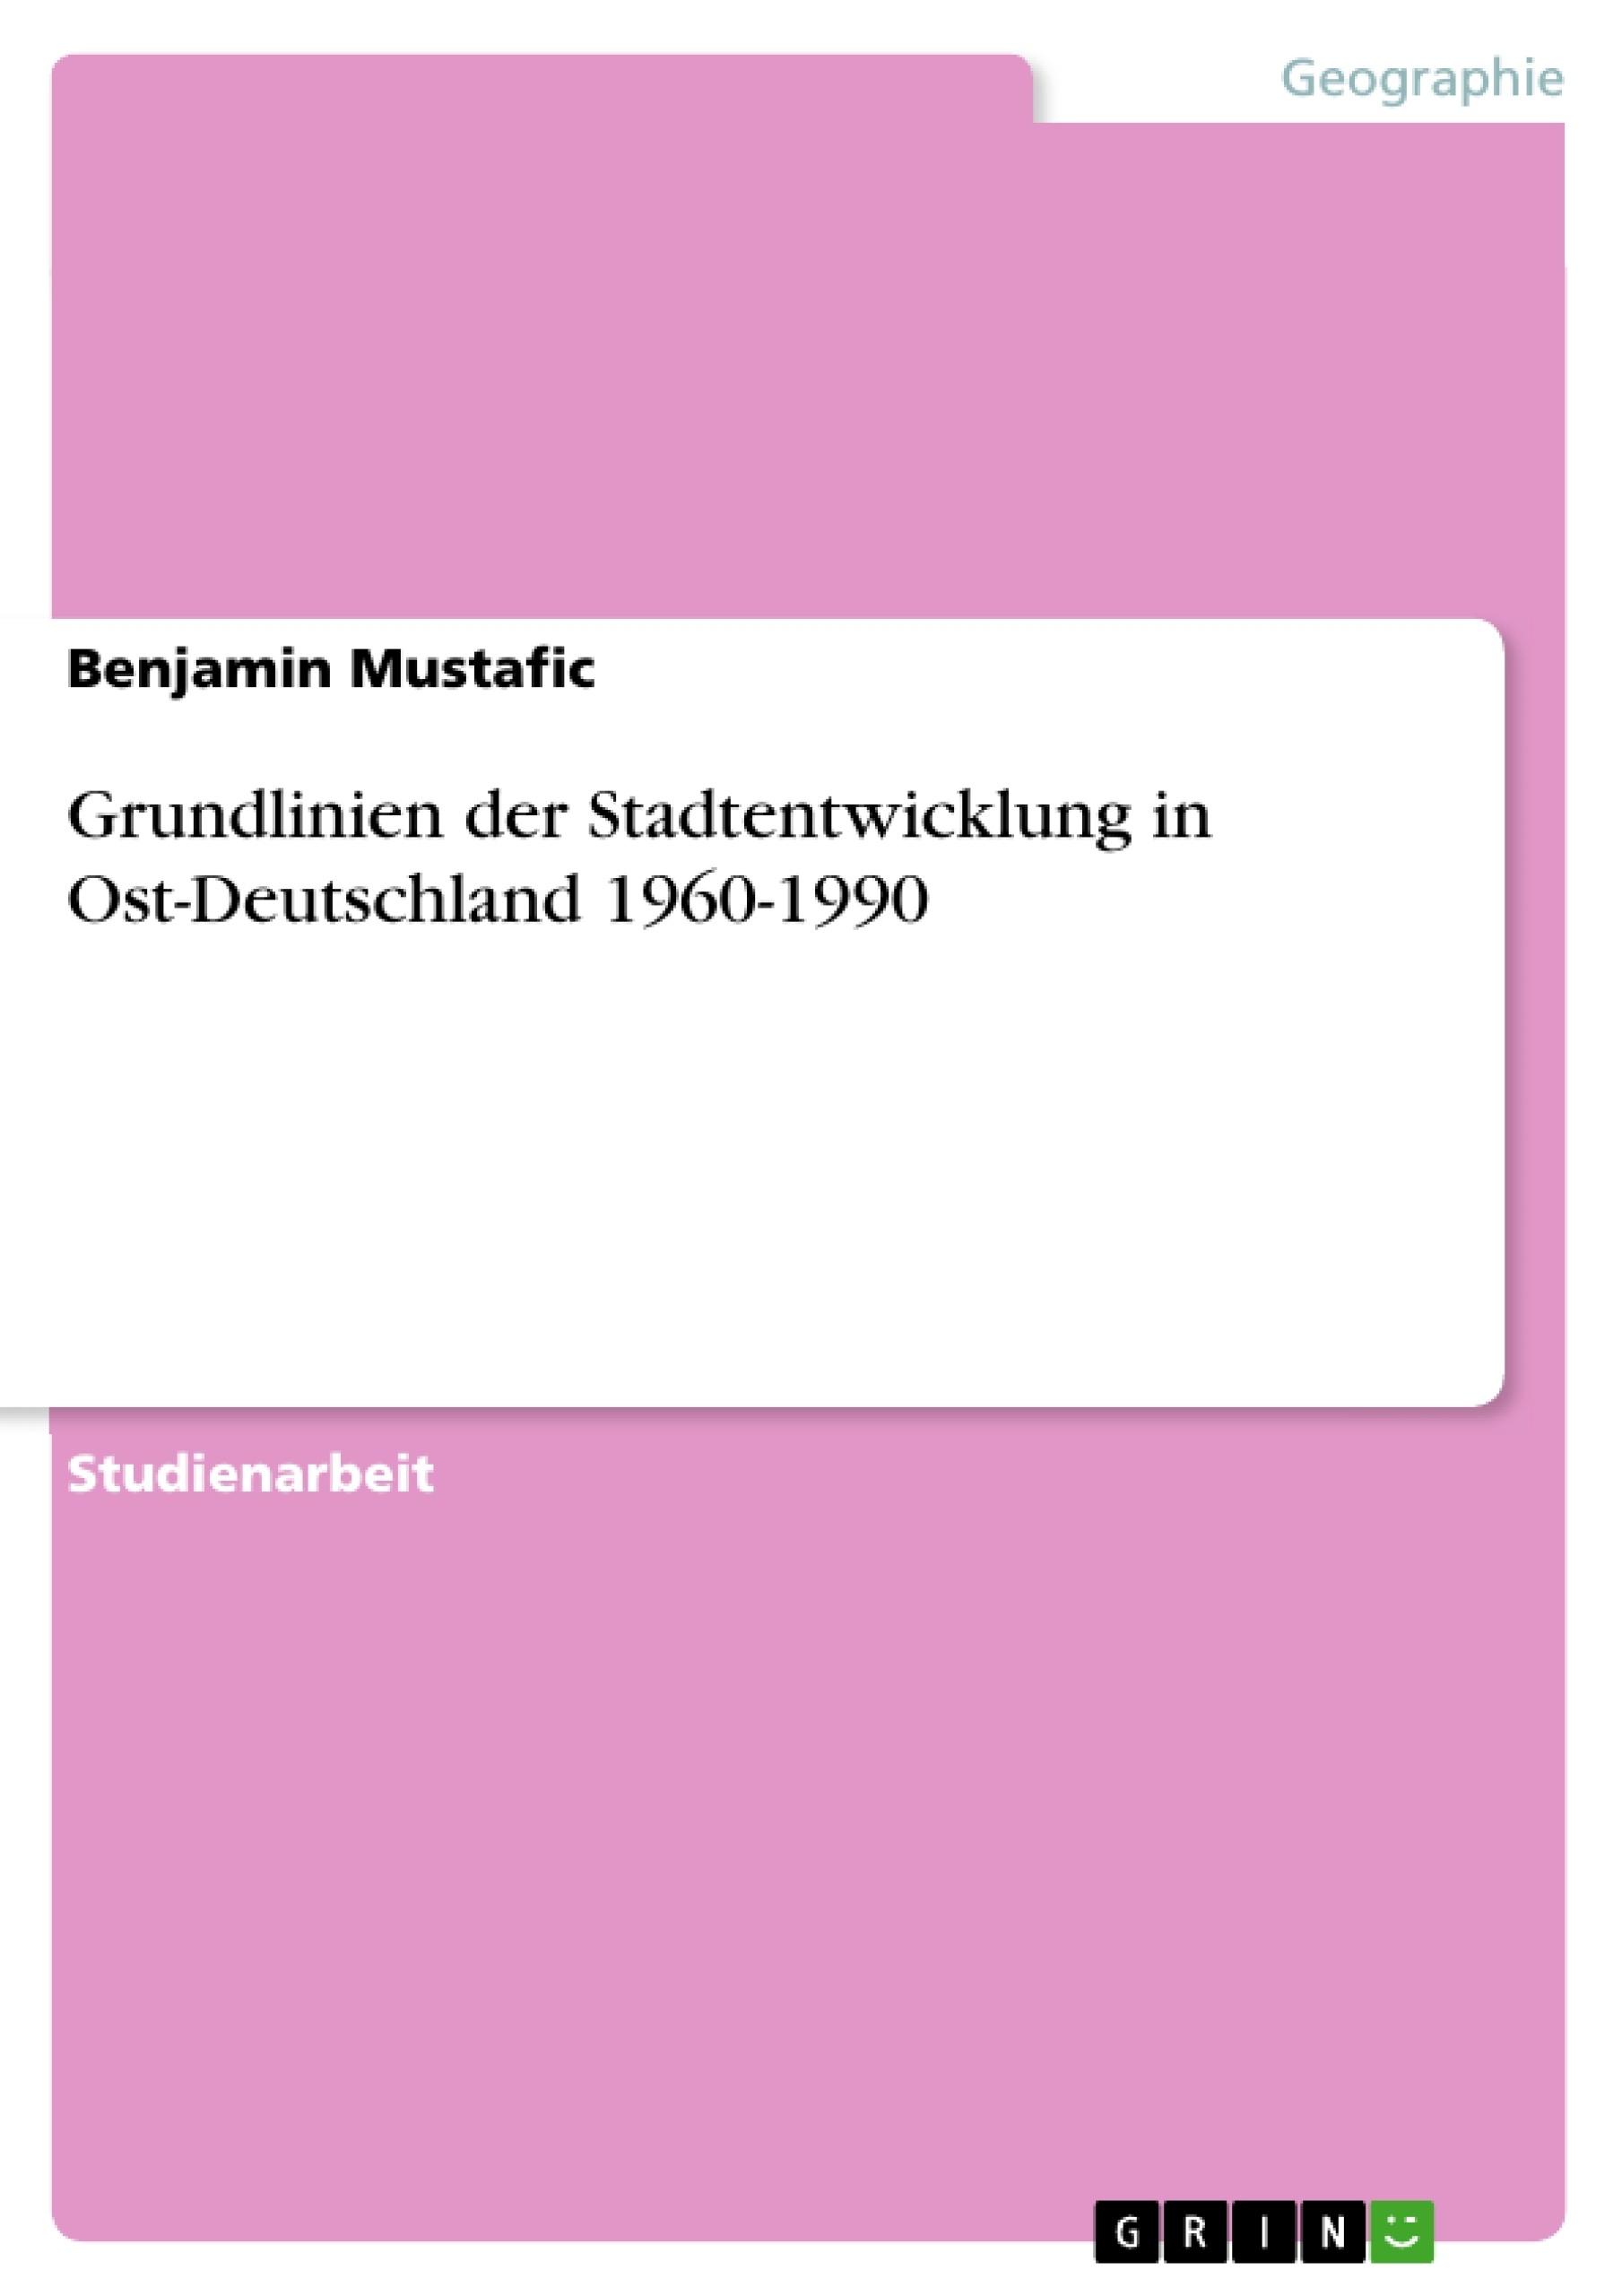 Titel: Grundlinien der Stadtentwicklung in Ost-Deutschland 1960-1990